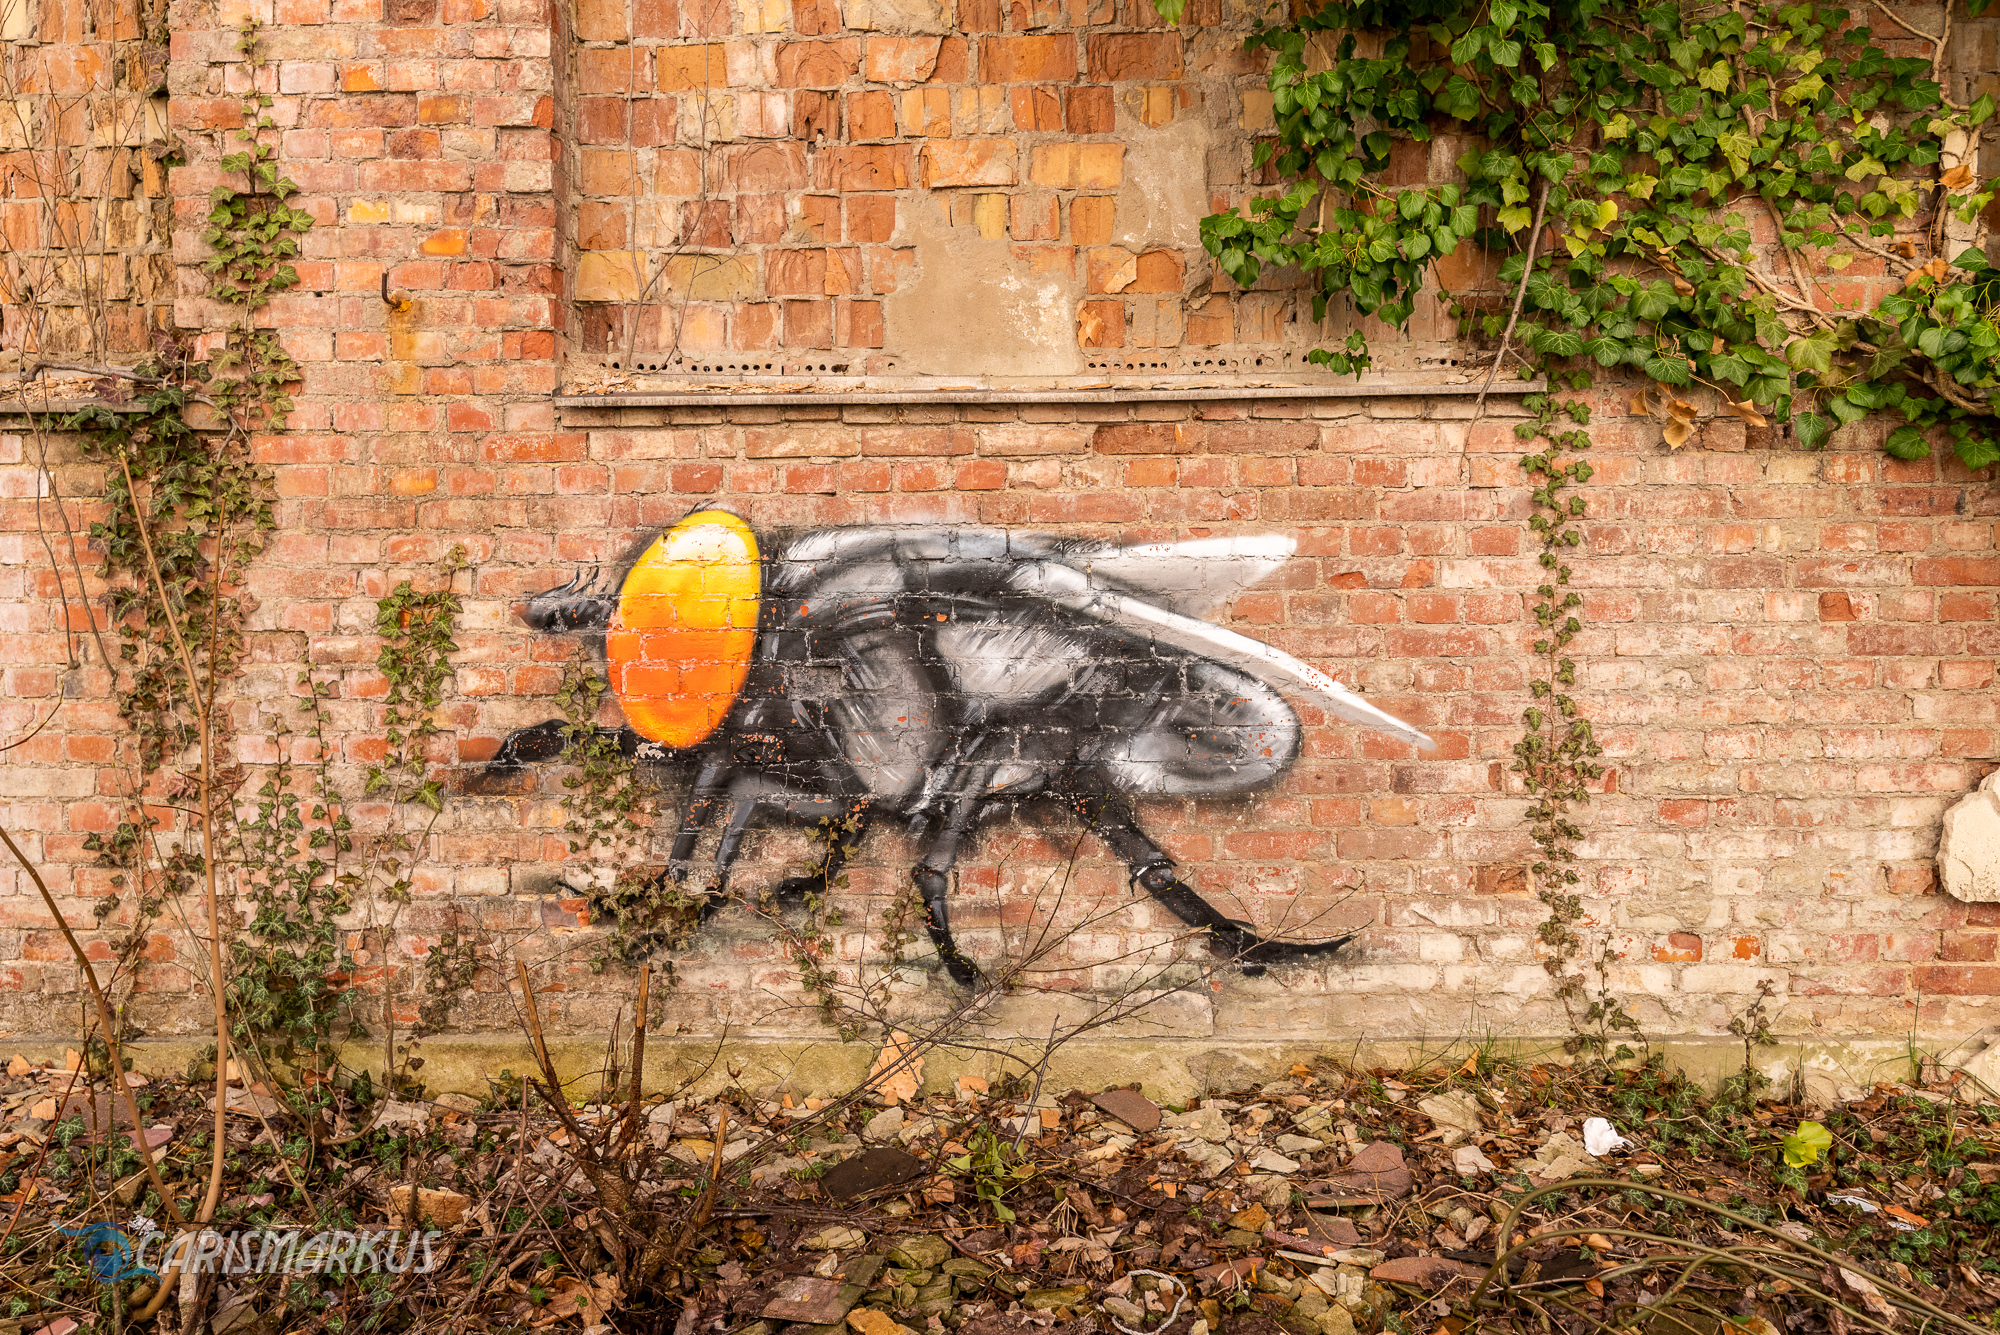 Die Fliege auf der Backsteinmauer (Plotbot Ken)